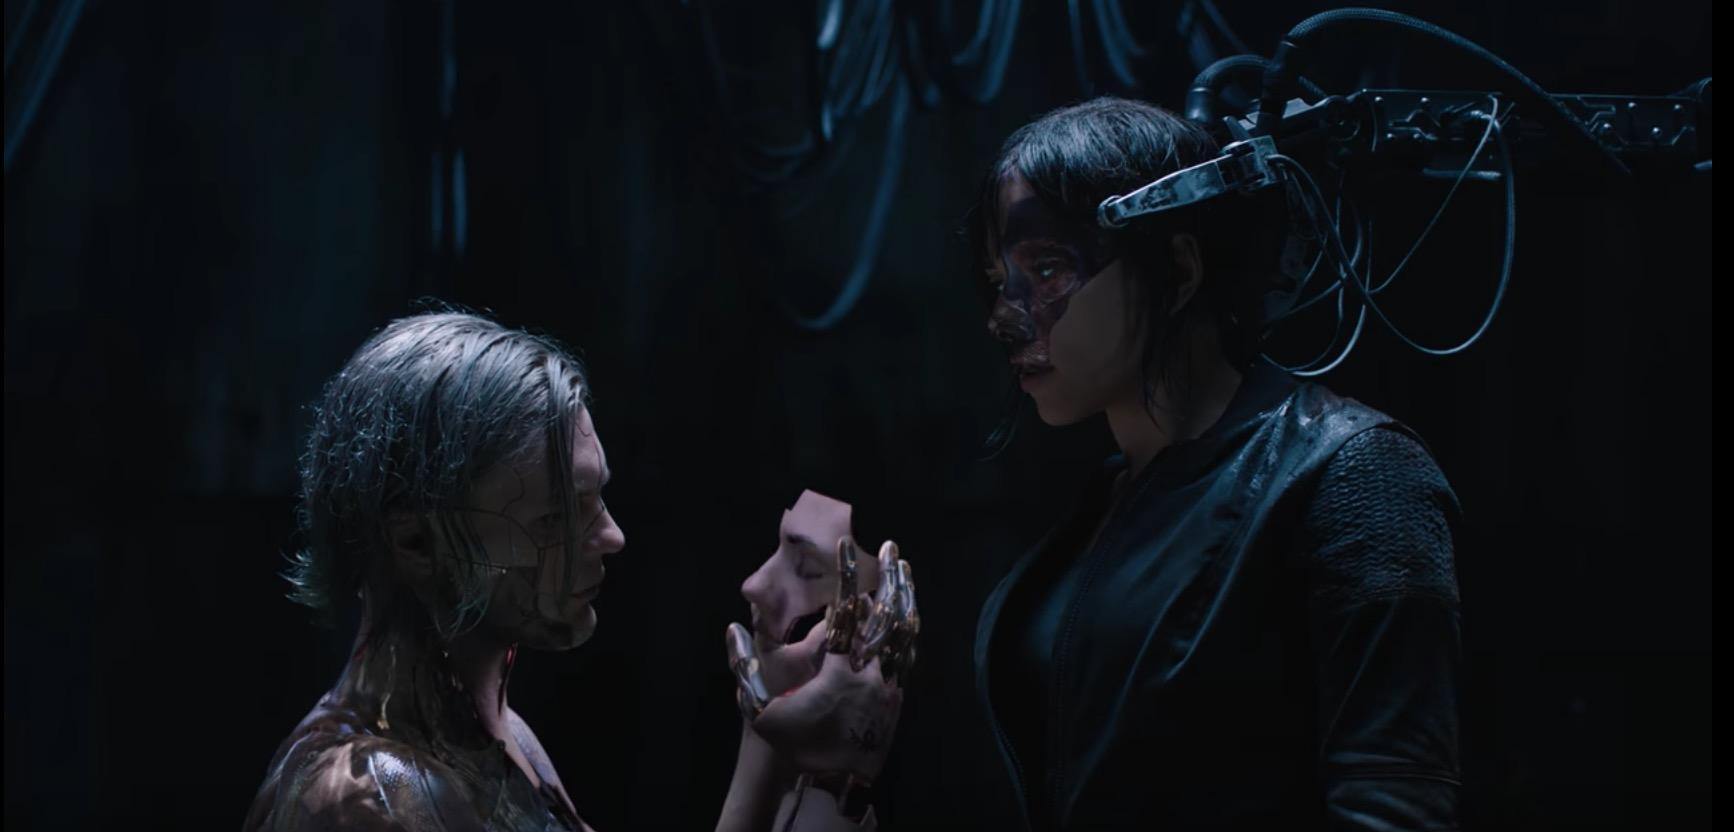 В трейлере «Призрака в доспехах» показали злодея 1